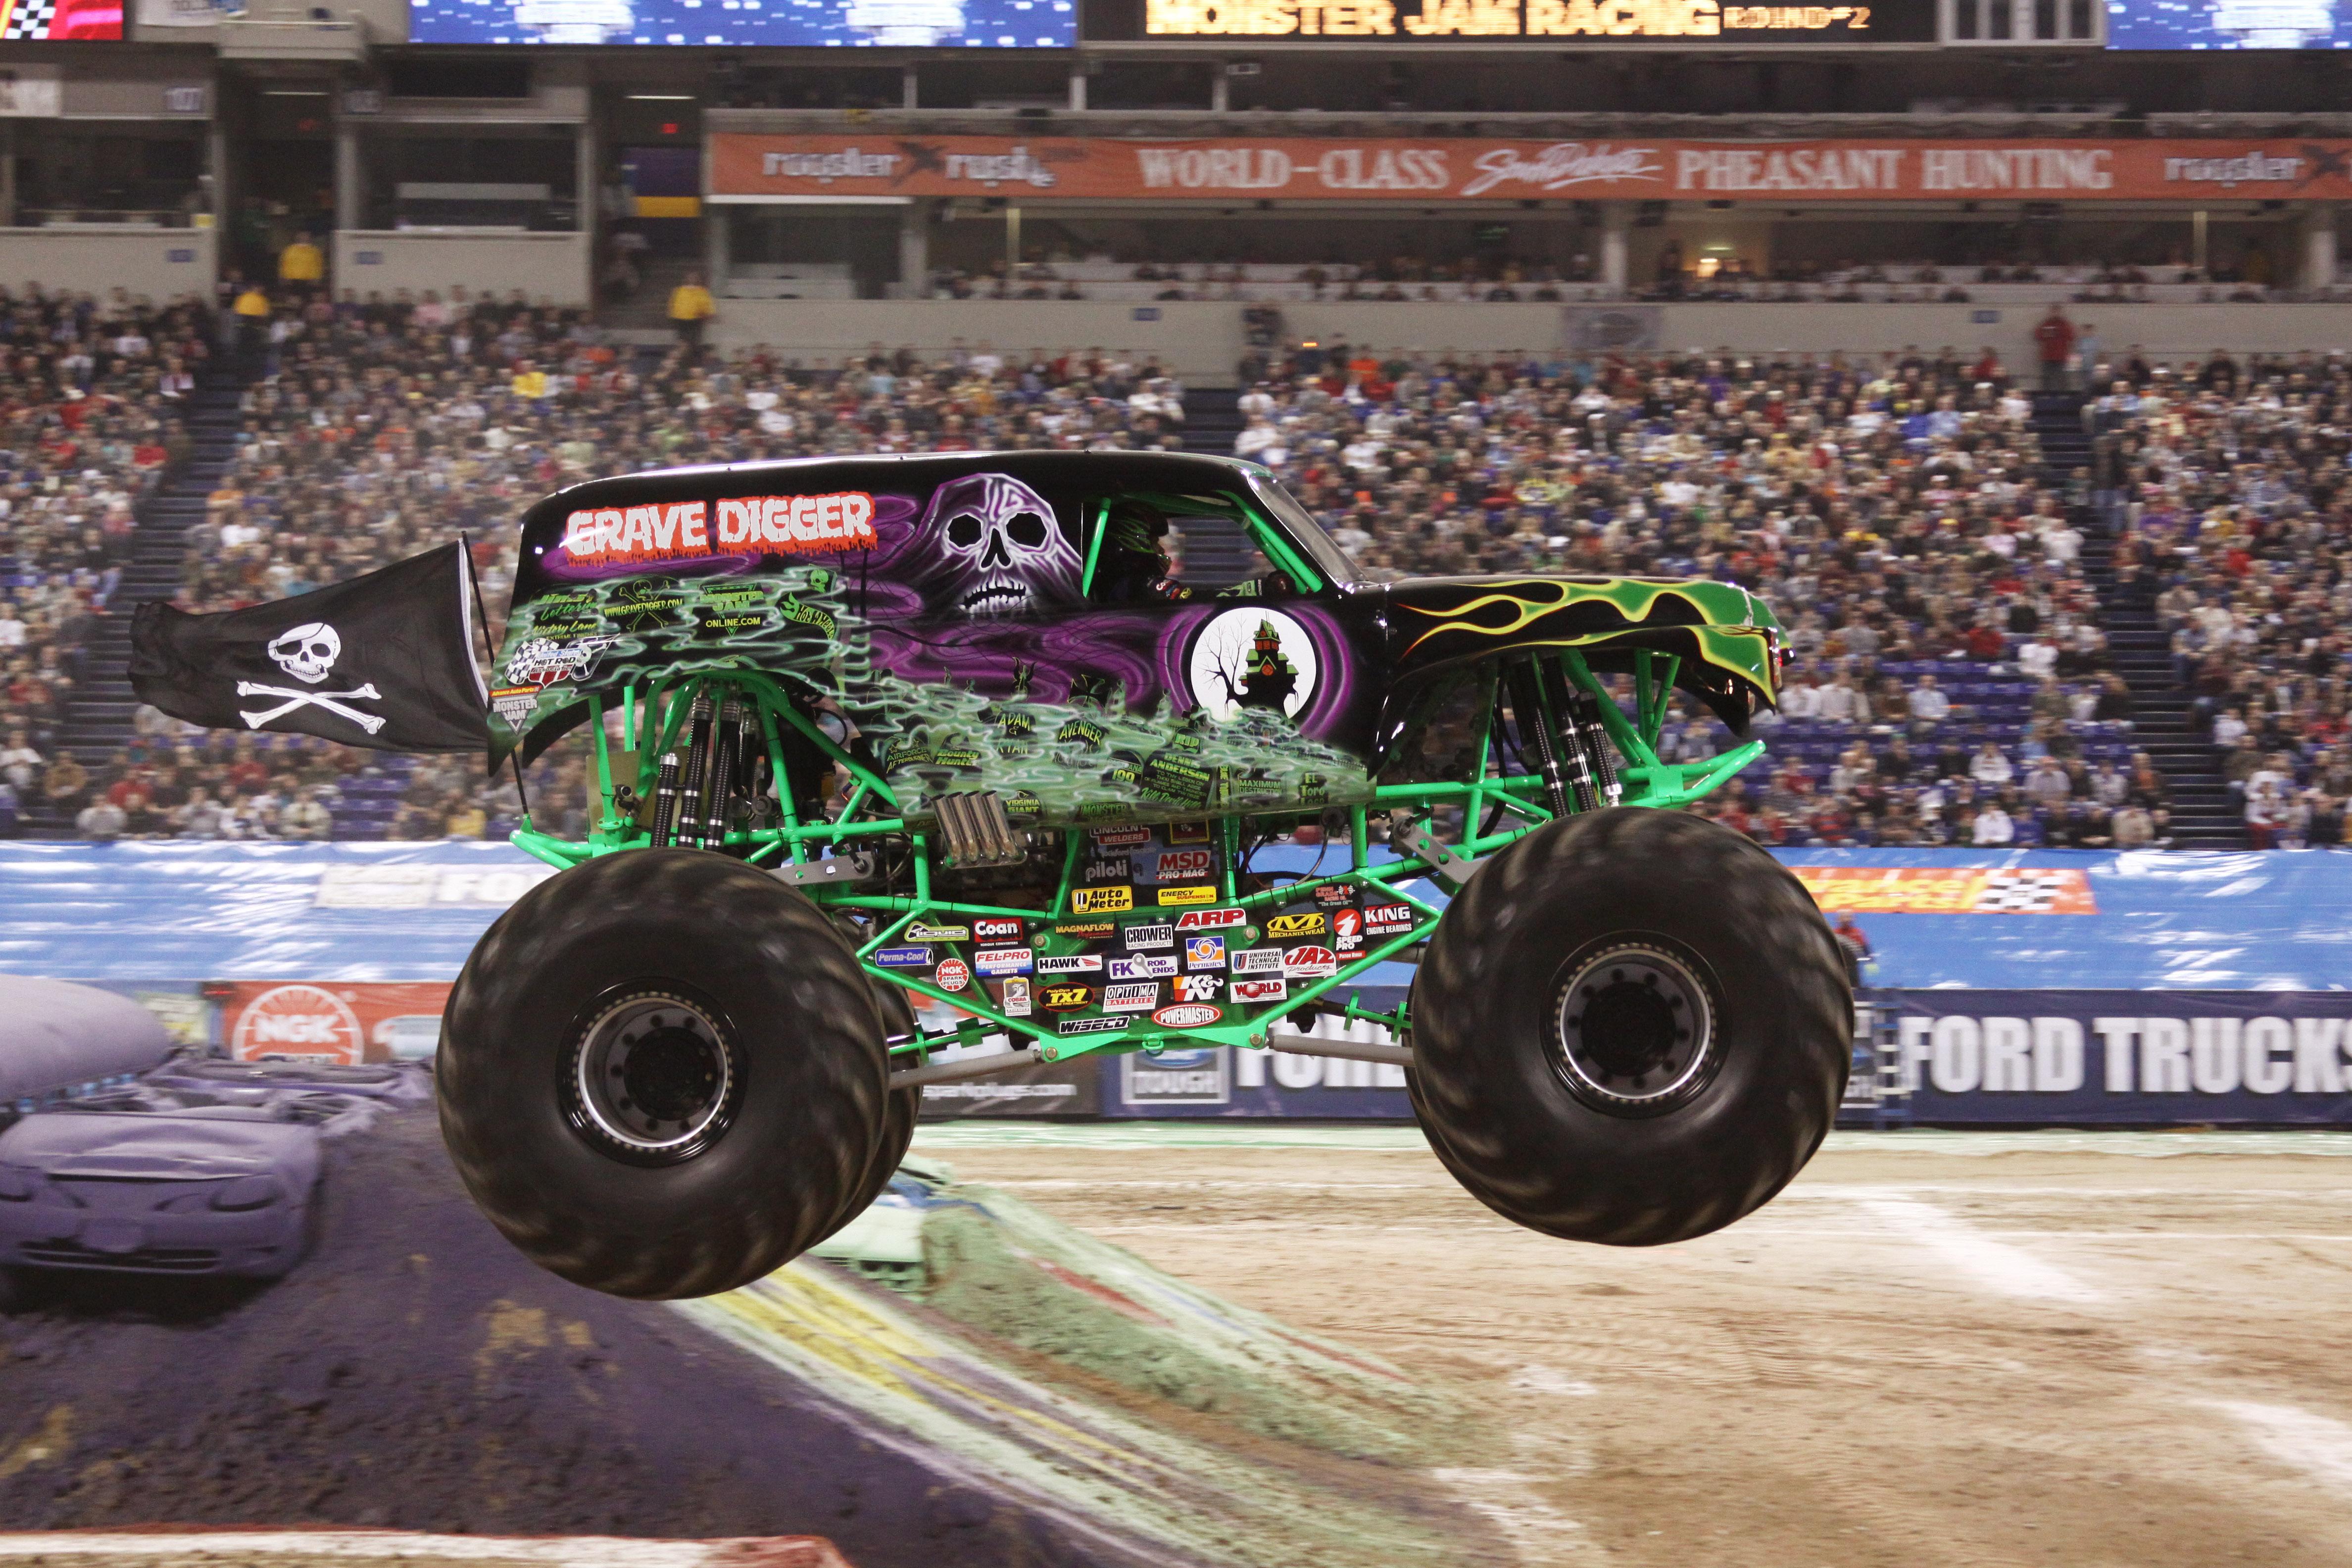 GRAVE DIGGER monster truck 4x4 race racing monster truck jd wallpaper 4752x3168